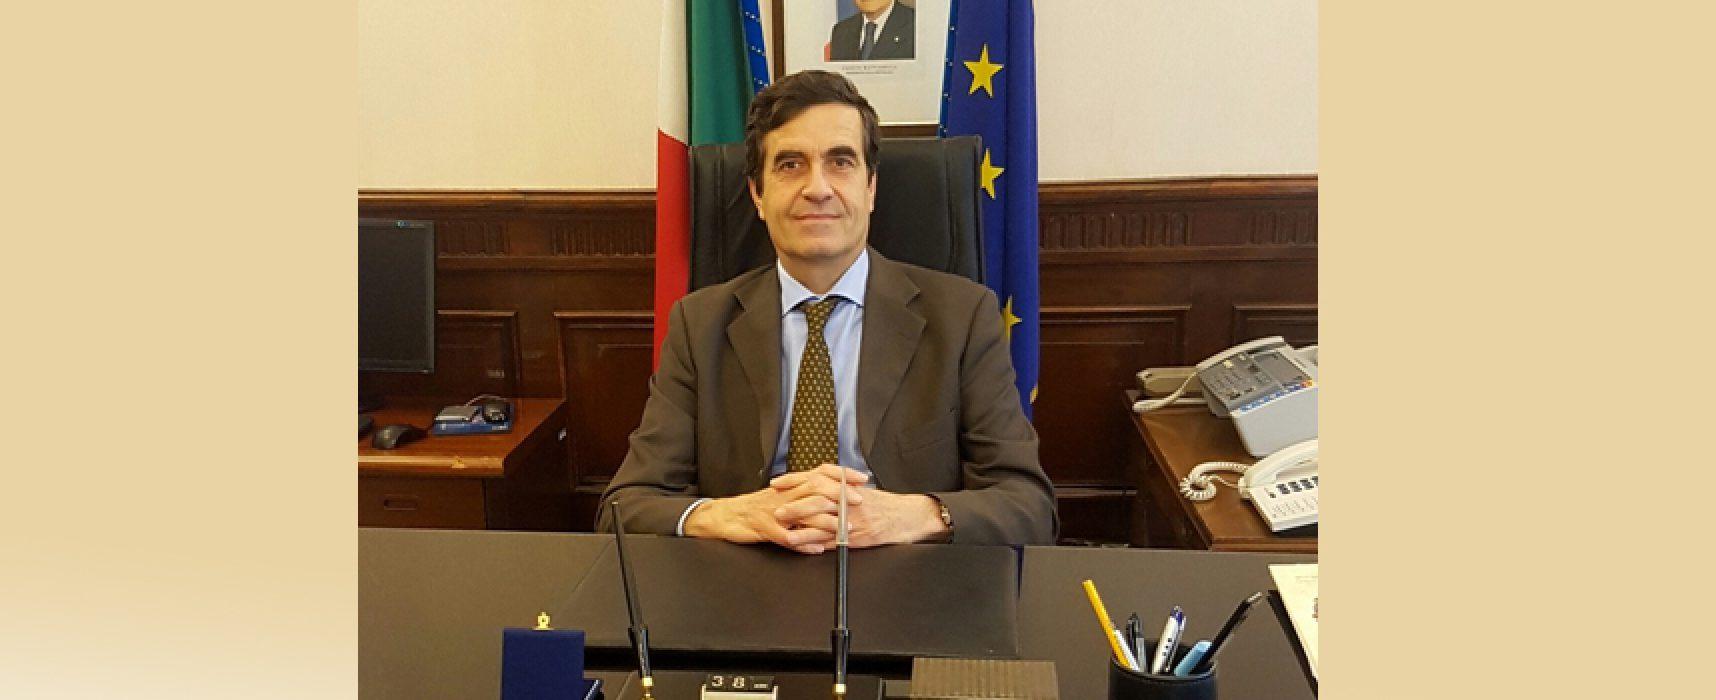 Cambia il prefetto della Bat, arriva Emilio Dario Sensi